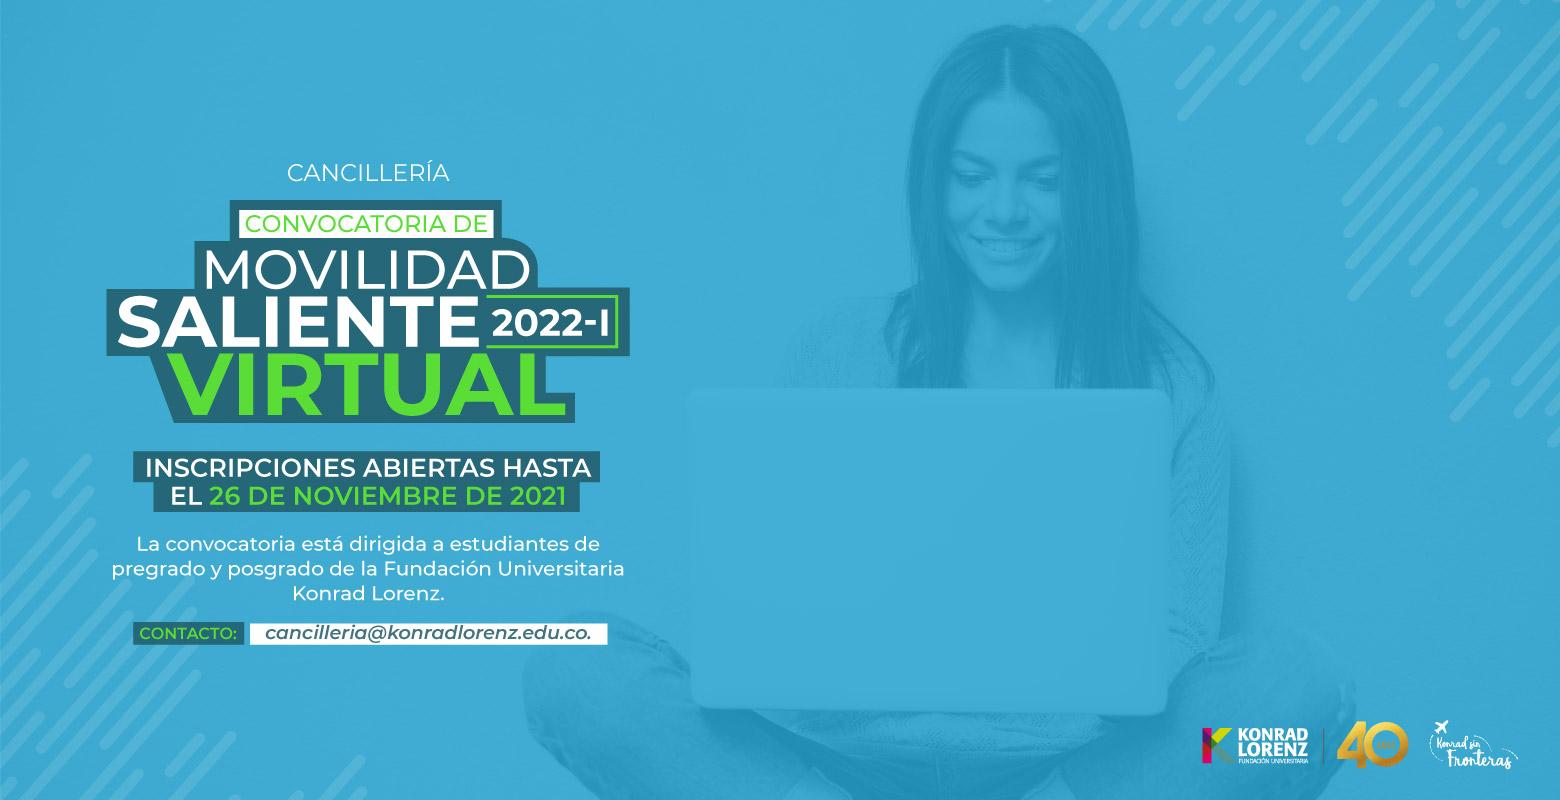 Convocatoria de Intercambio Académico Virtual Saliente 2022-I